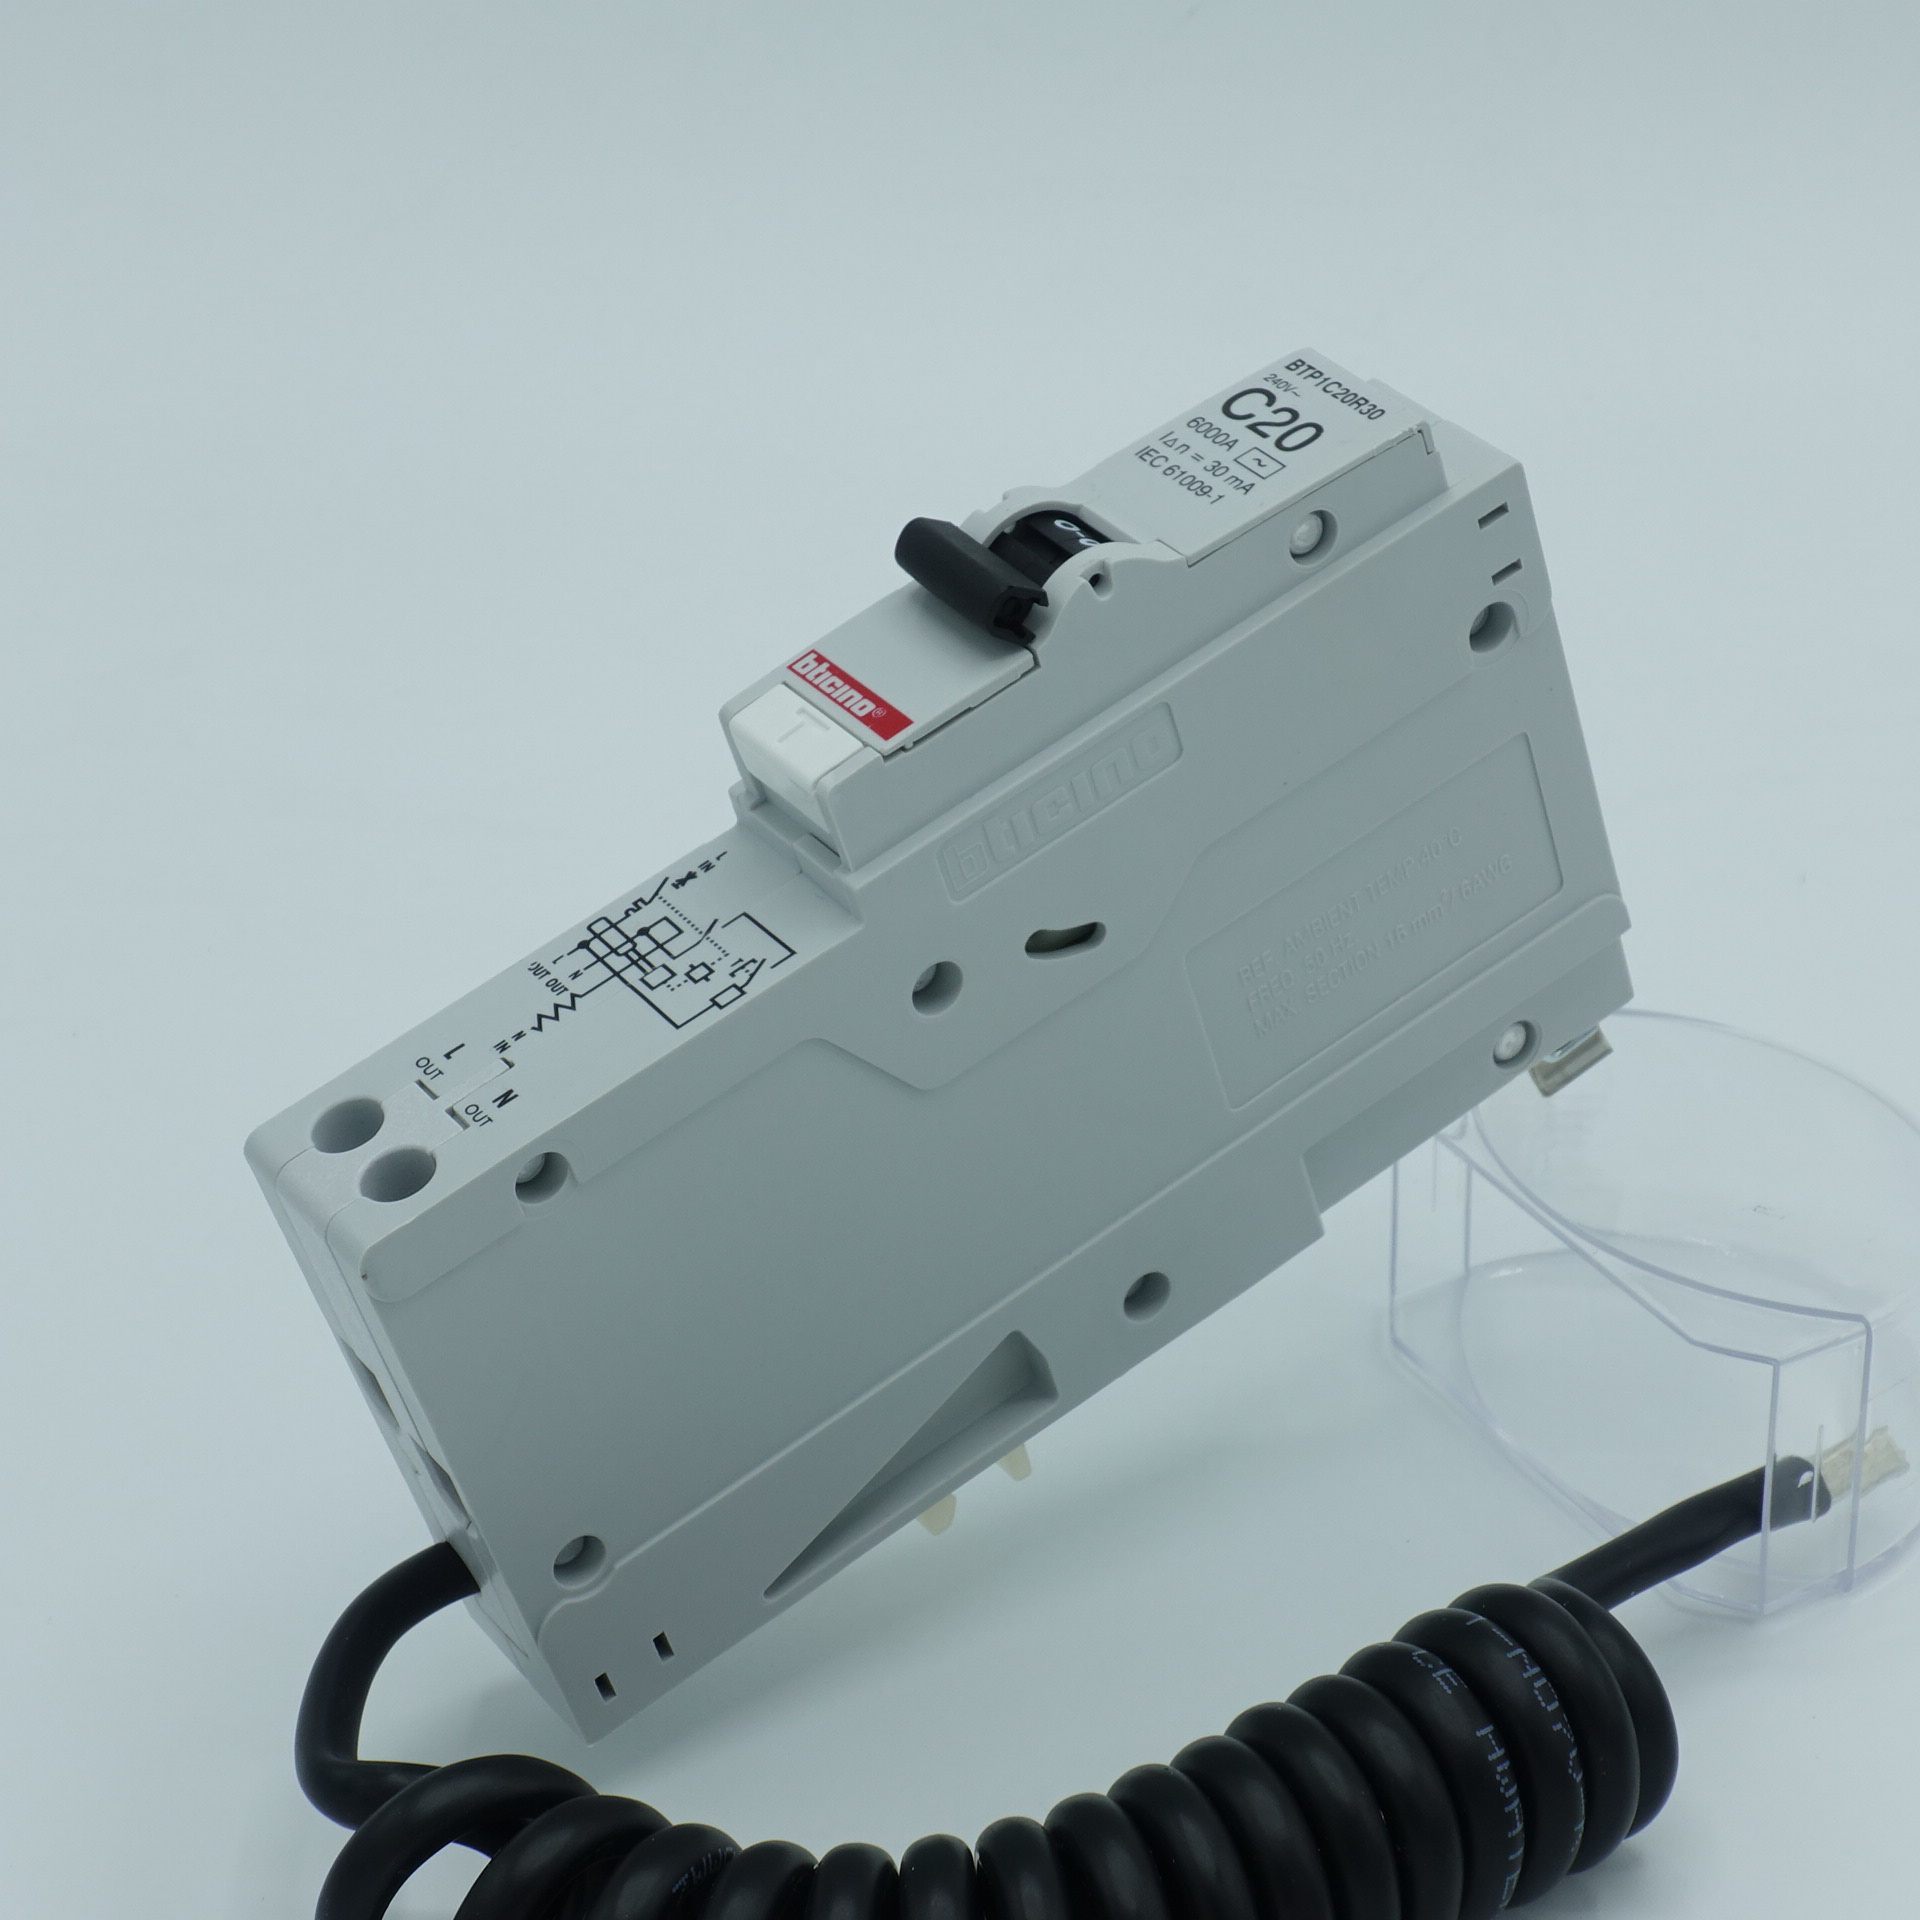 ลูกเบรกเกอร์ย่อย 1P กันไฟดูด (RCBO) 16-32A 30mA Bt-Plug (PRO)